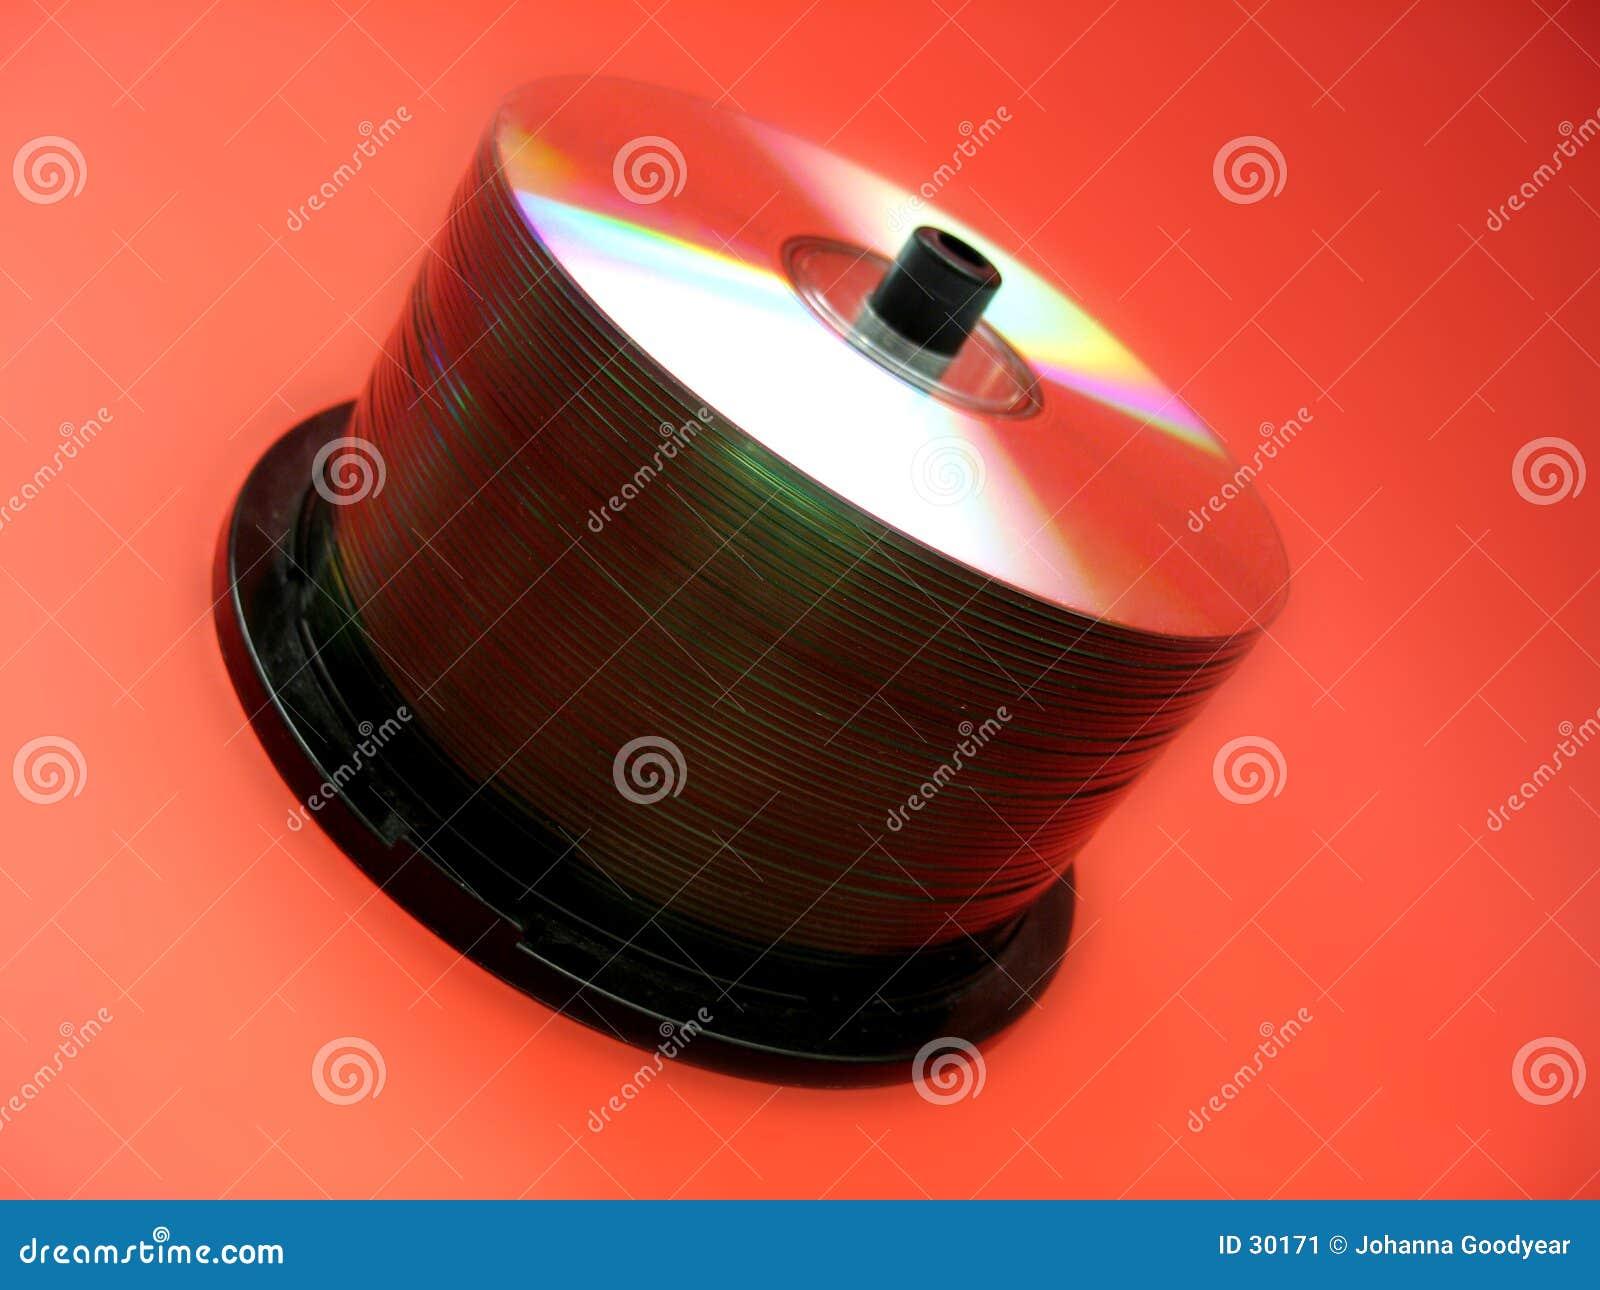 Download Eje de rotación CD 2 imagen de archivo. Imagen de quemado - 30171